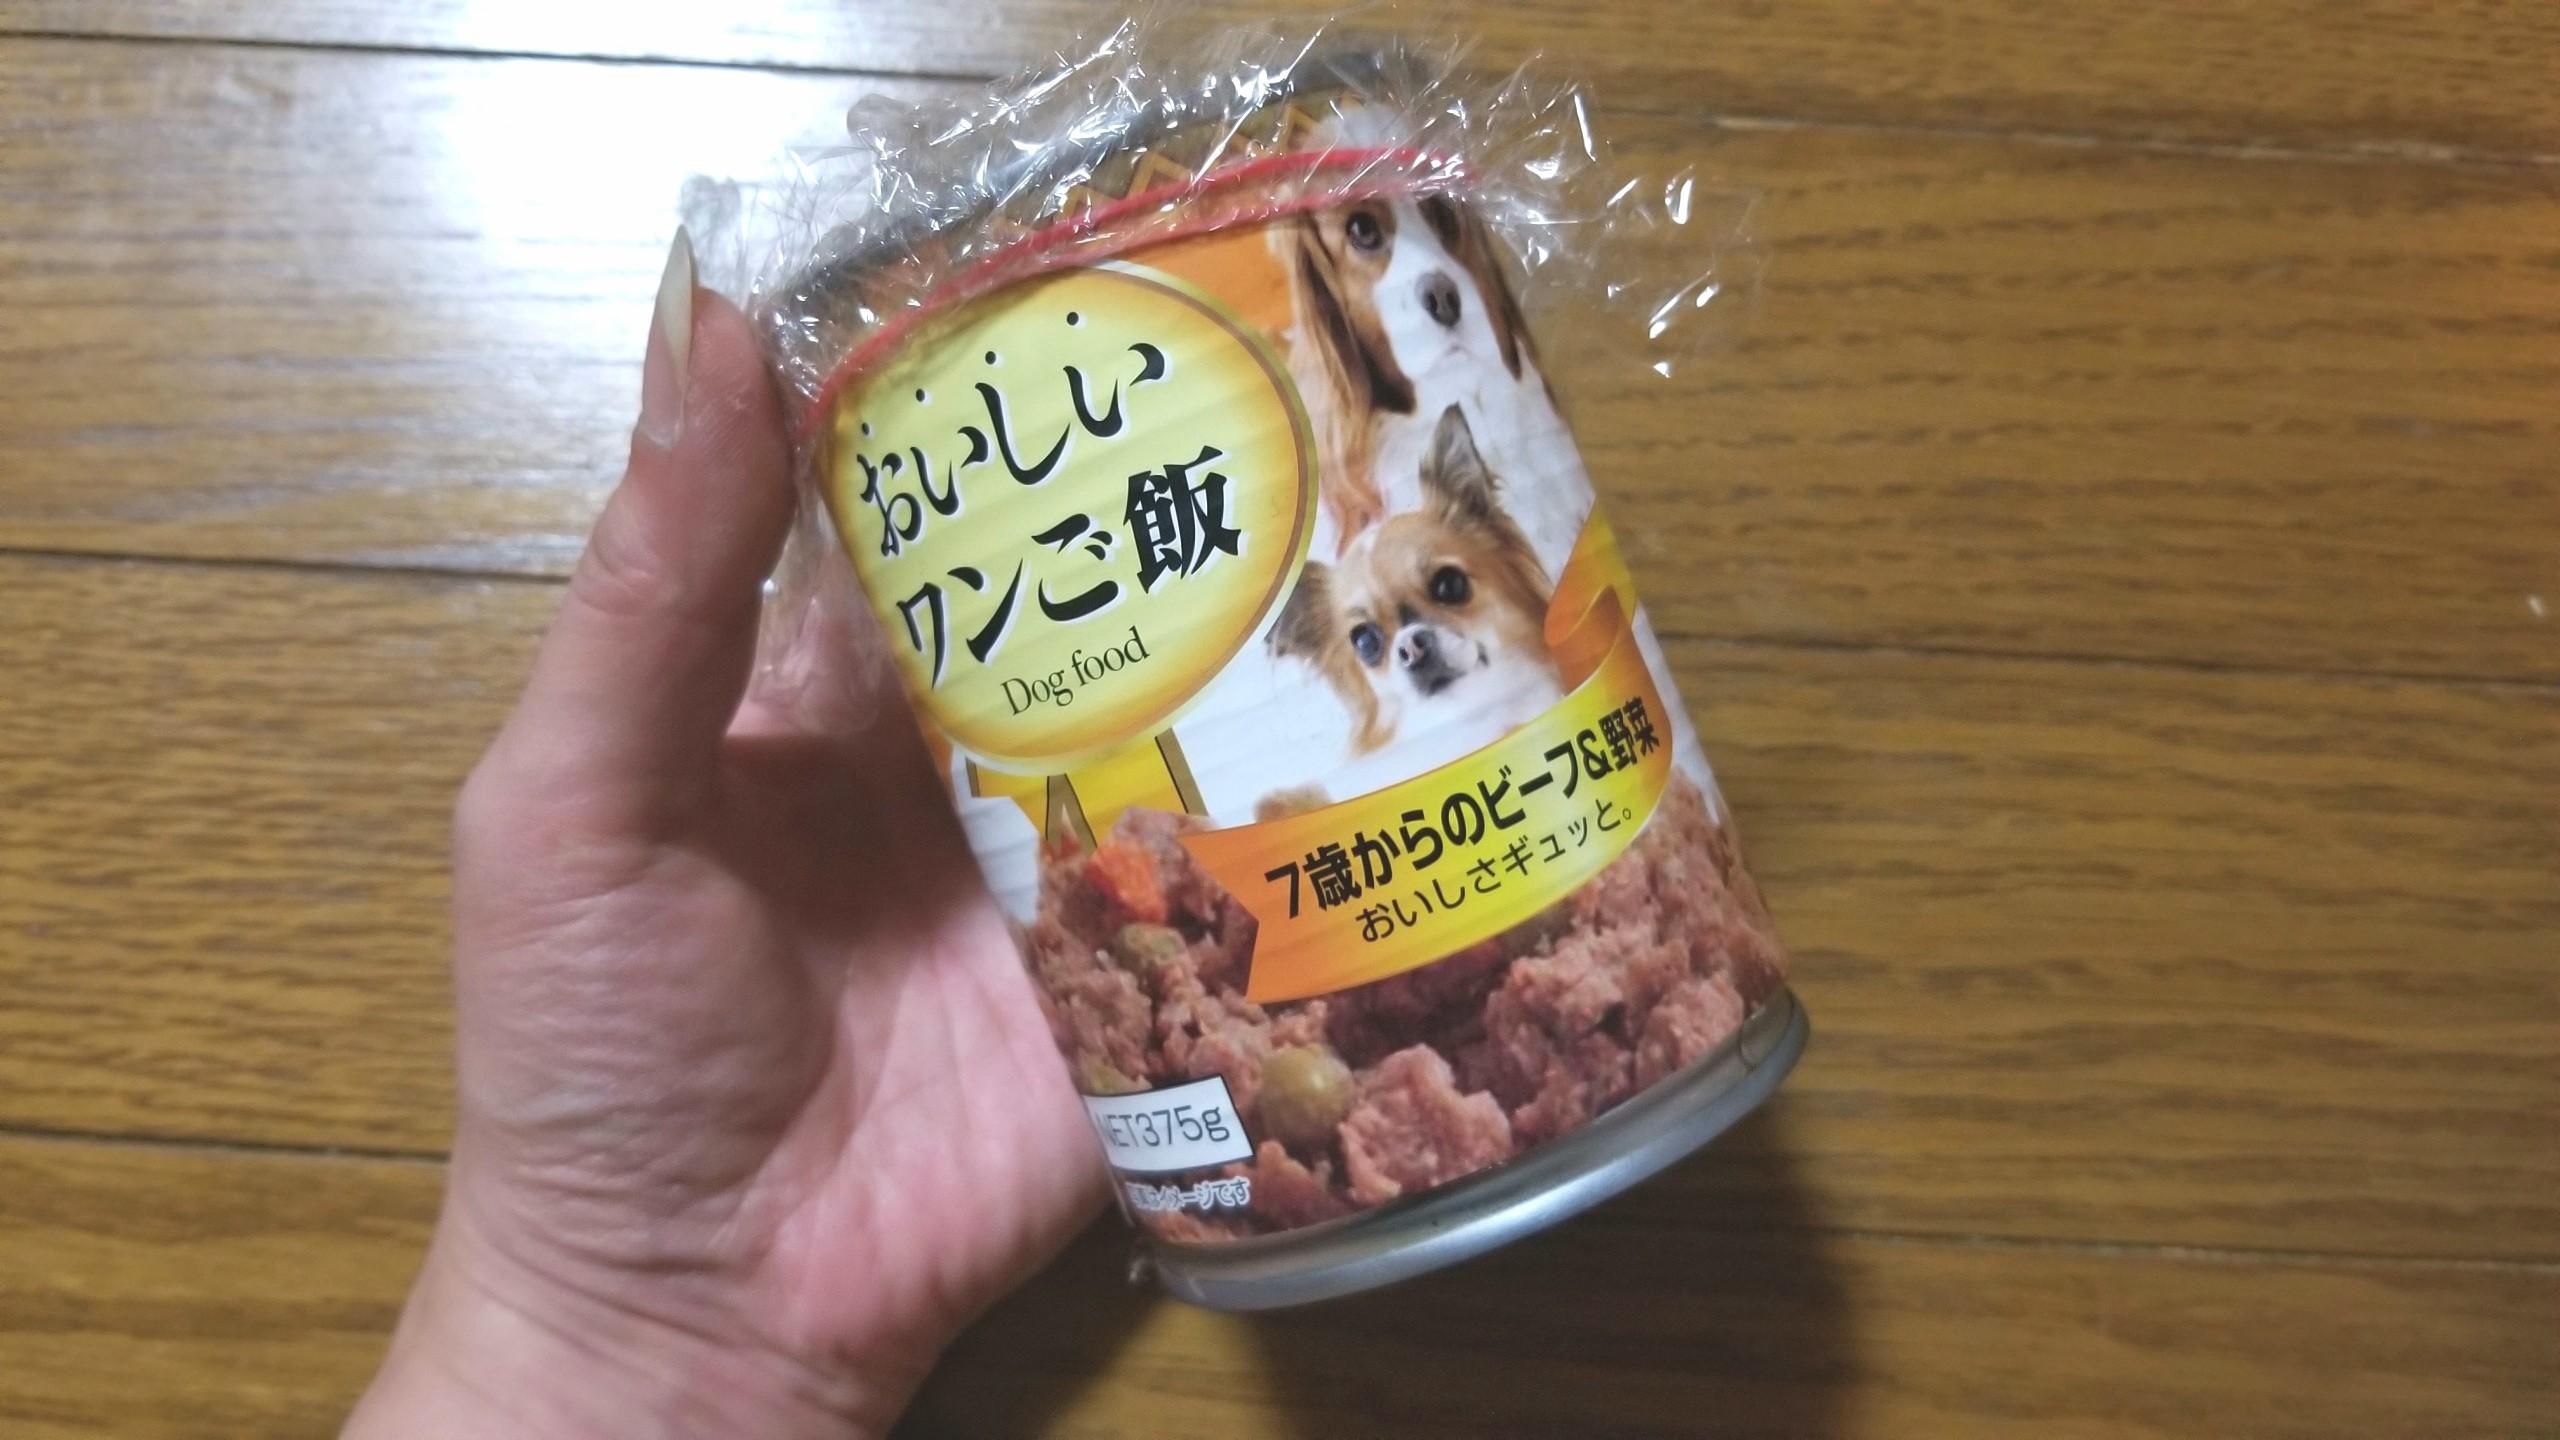 缶詰めドッグフード,室内犬の食事管理,便や肛門のチェック,老犬